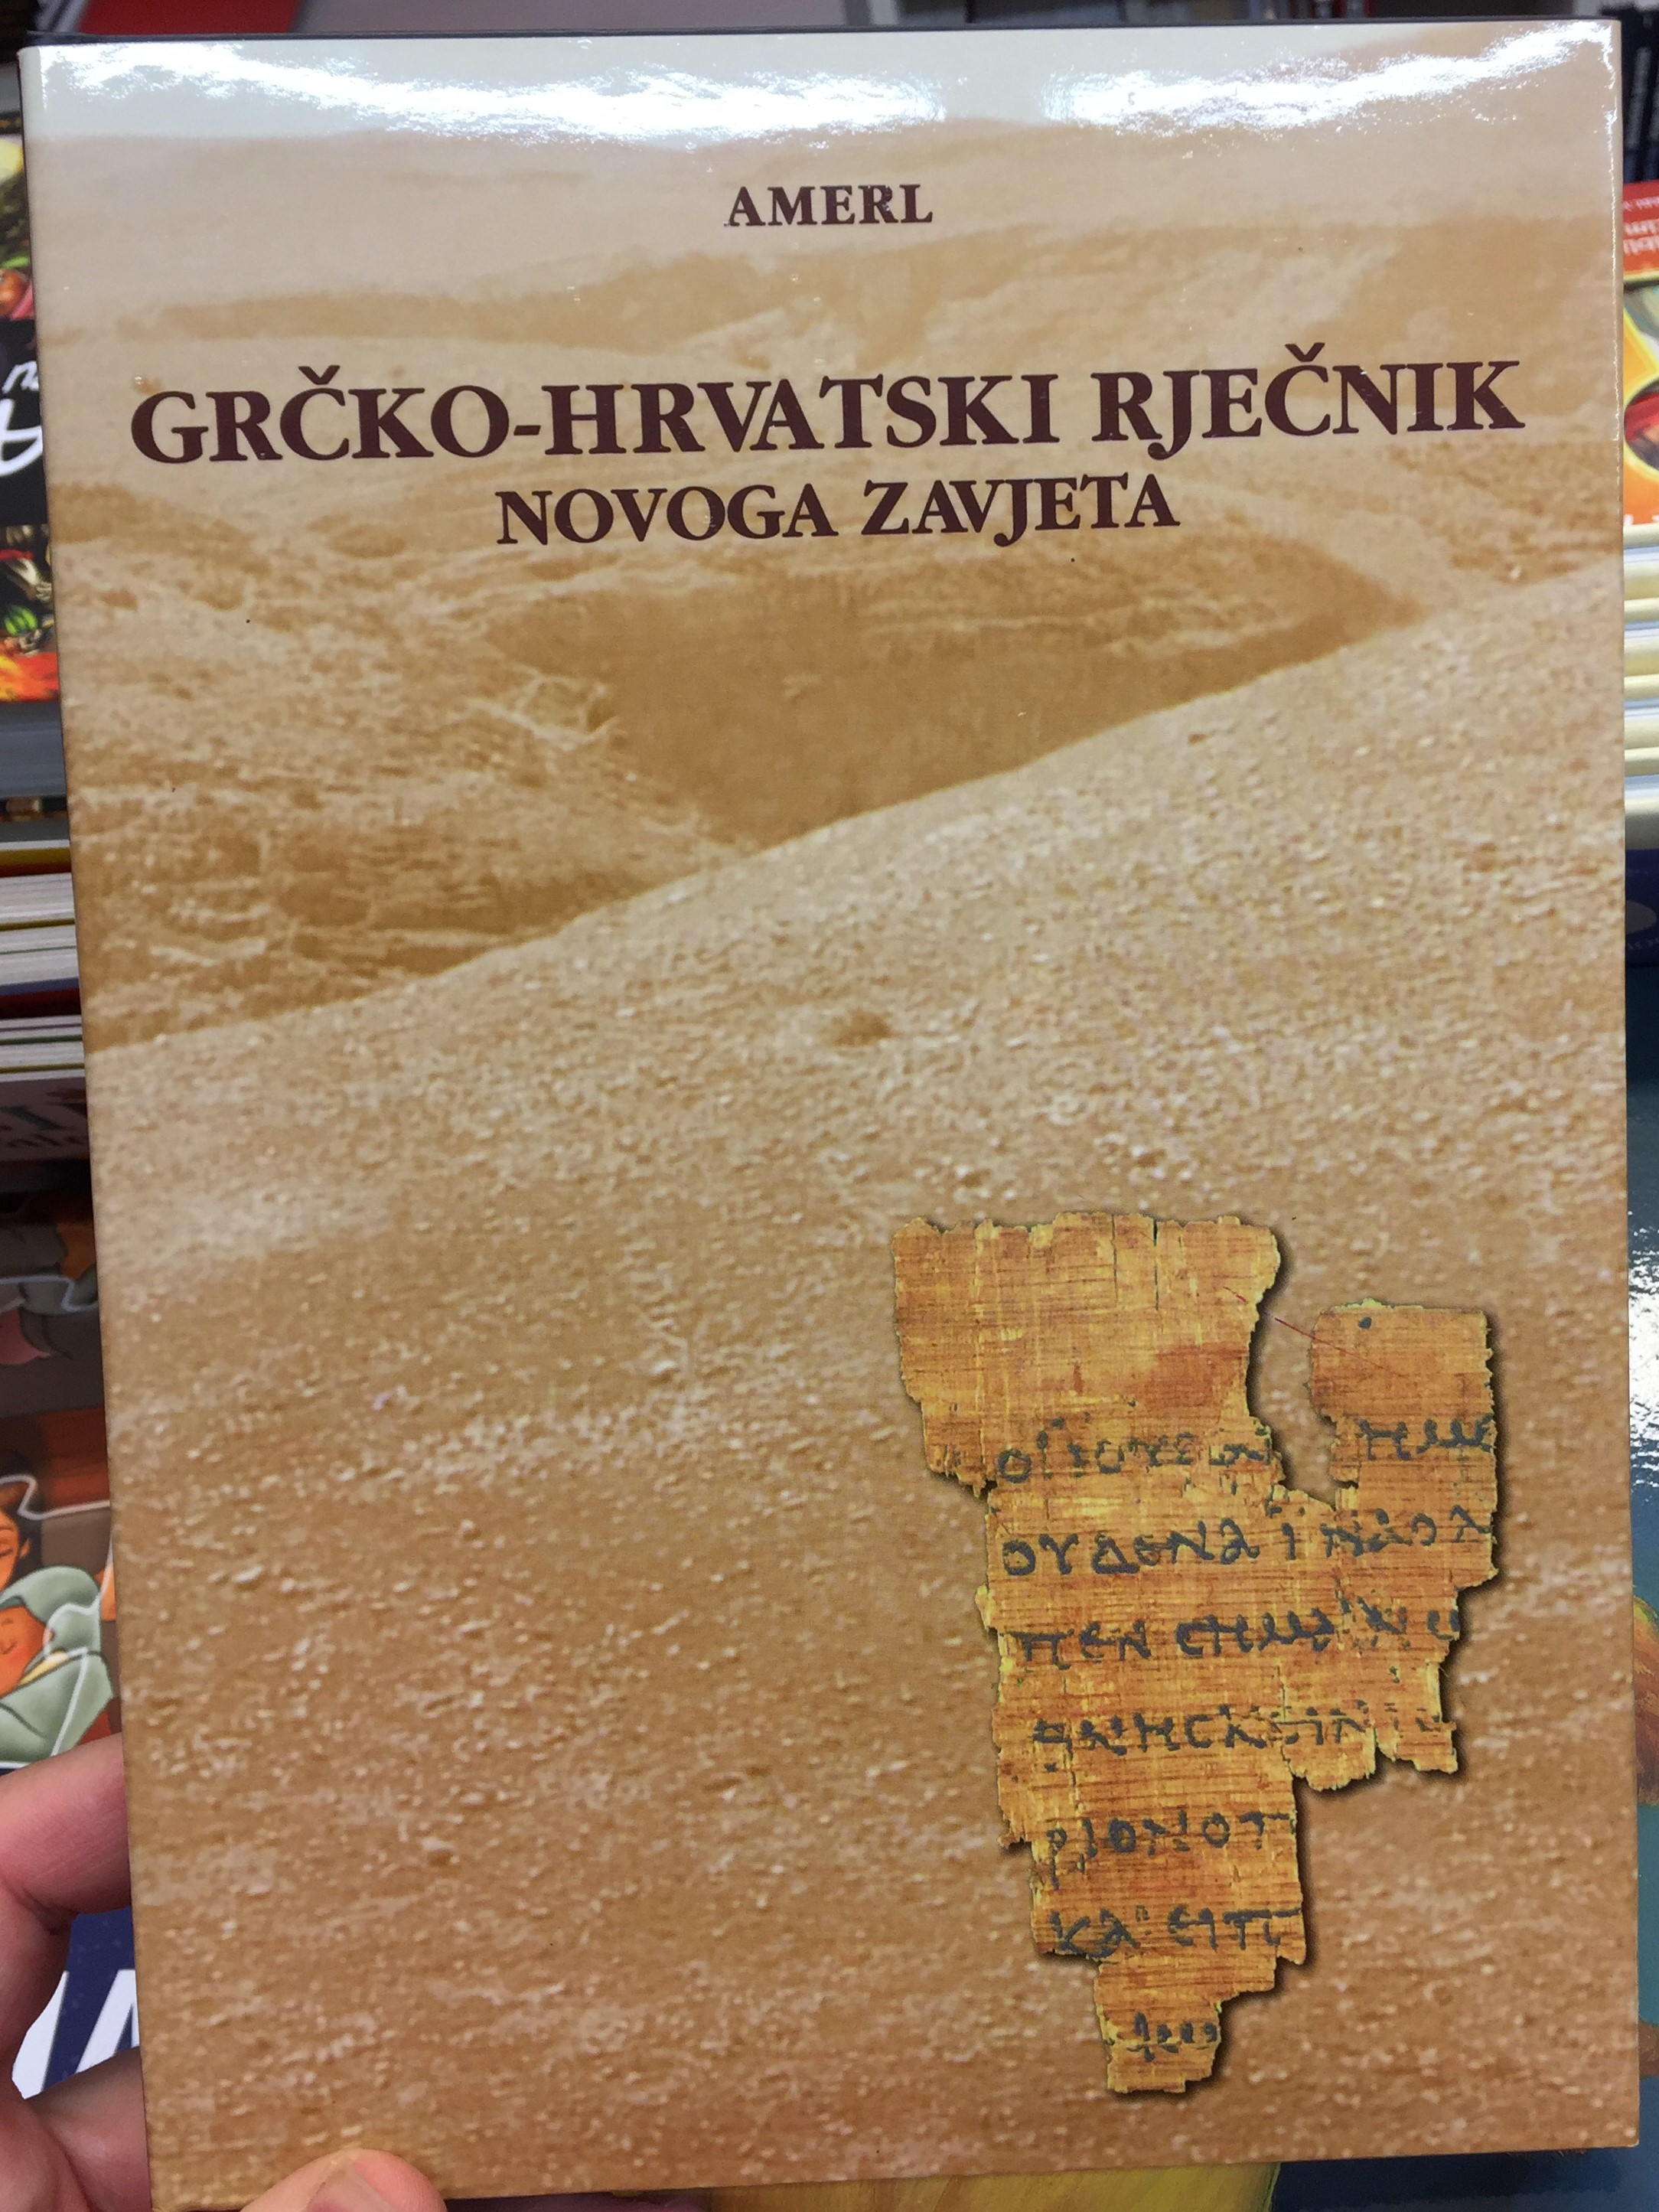 gr-ko-hrvatski-rje-nik-novoga-zavjeta-by-rudolf-amerl-1.jpg